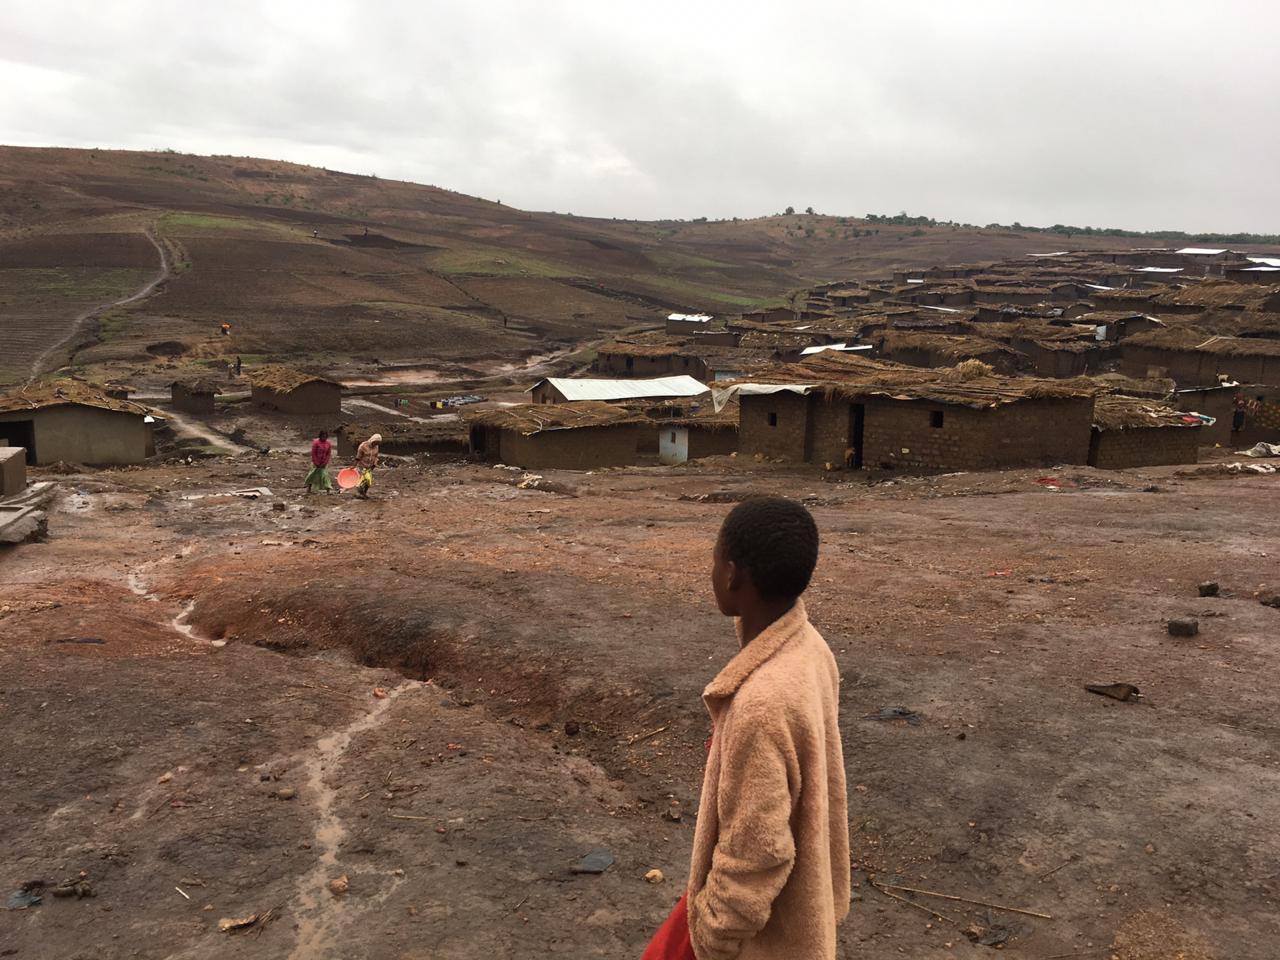 campo-de-refugiados-refugees-dzaleka-malawi